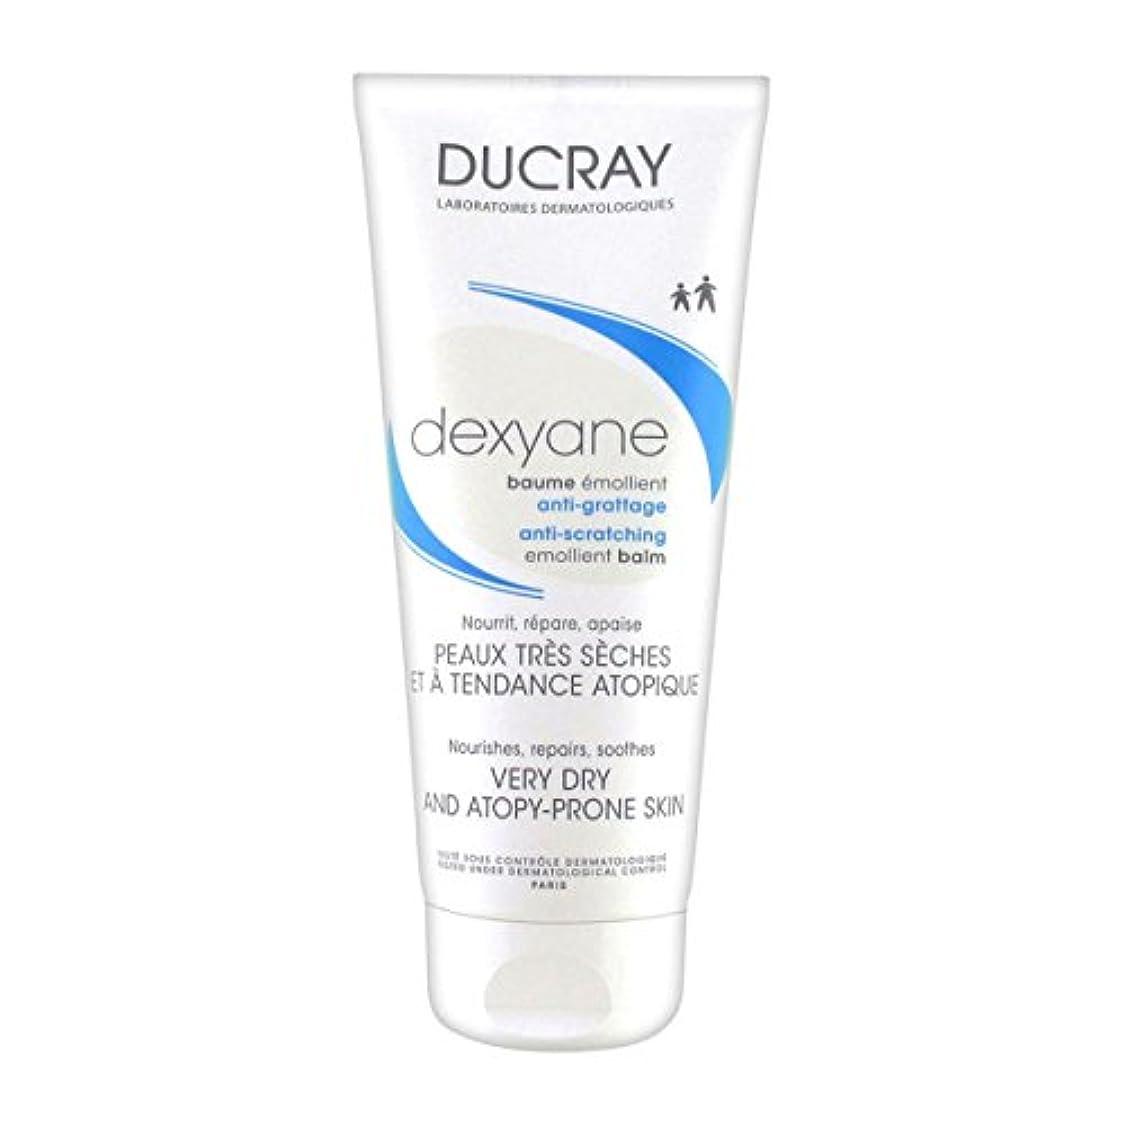 寄託出席株式会社Ducray Dexyane Anti-stratching Emollient Balm 200ml [並行輸入品]